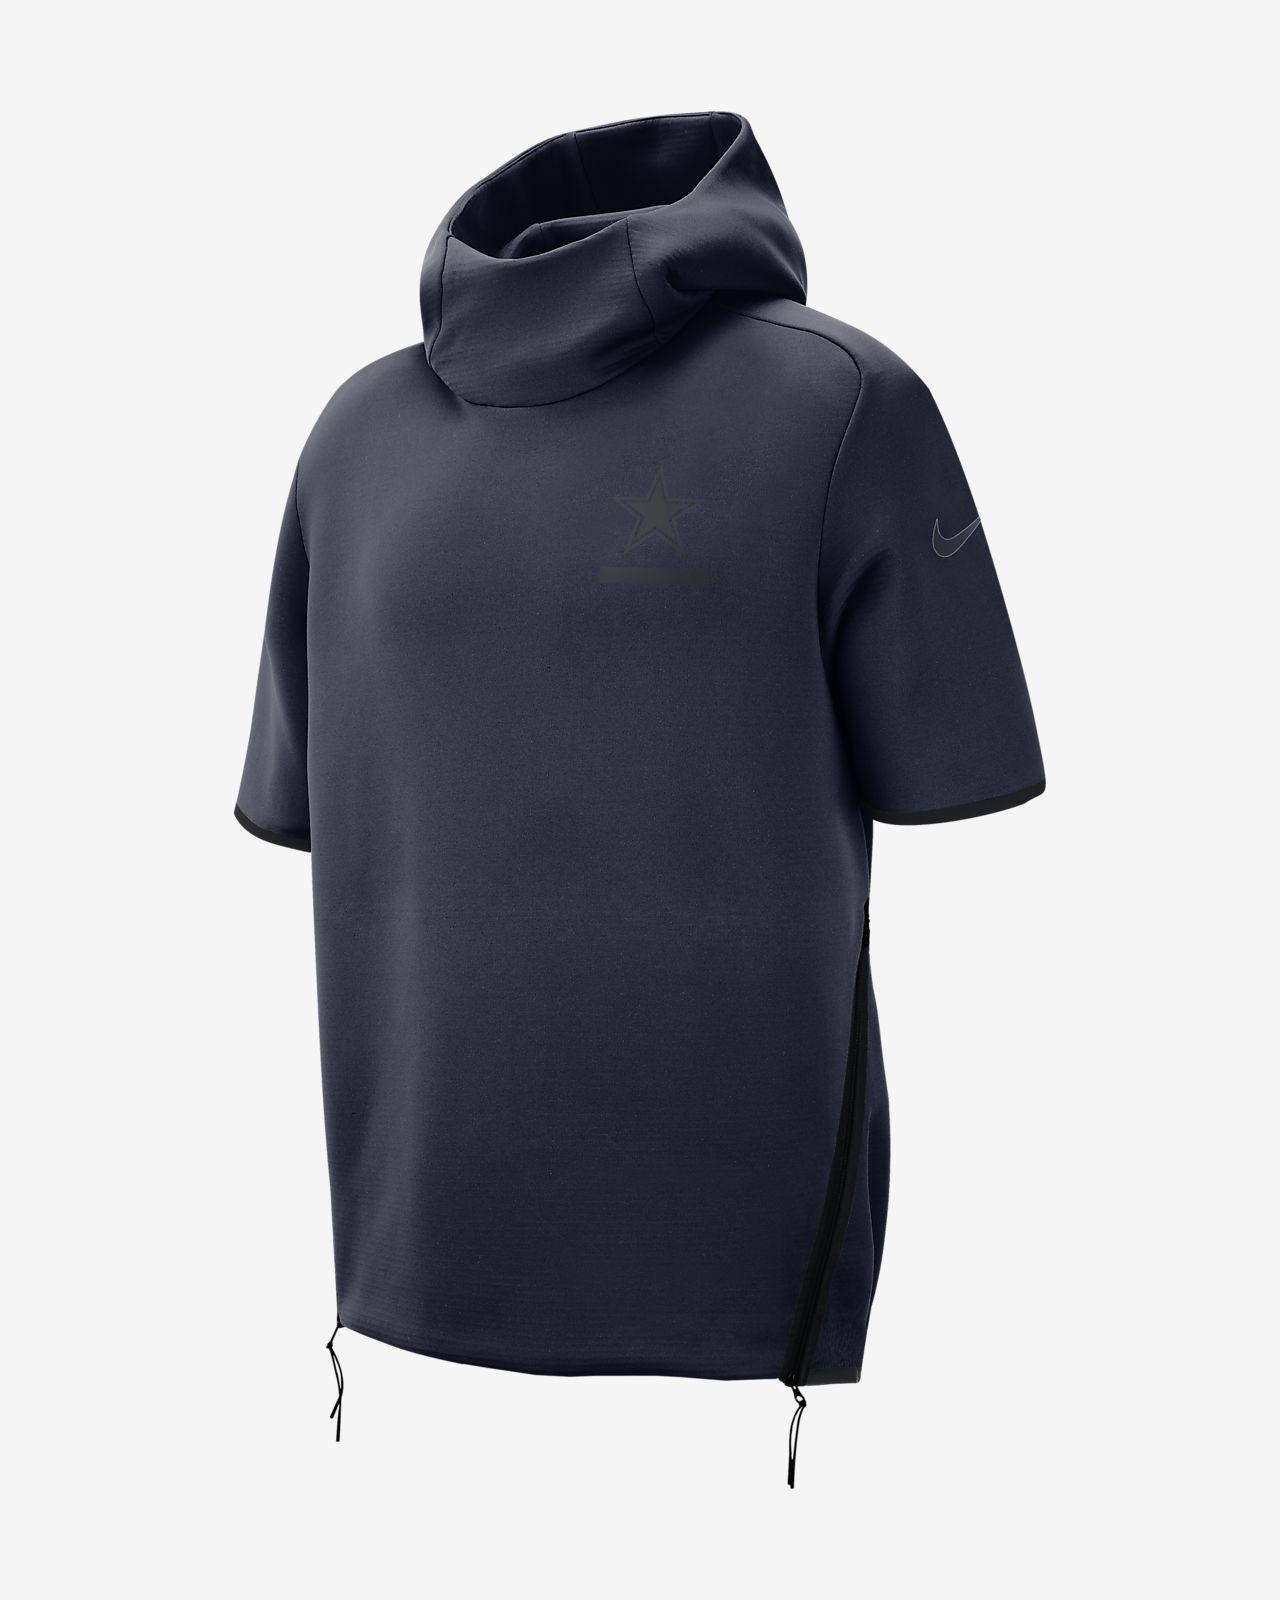 675e843a07 Nike Sideline (NFL Cowboys) Men's Short Sleeve Hoodie. Nike.com